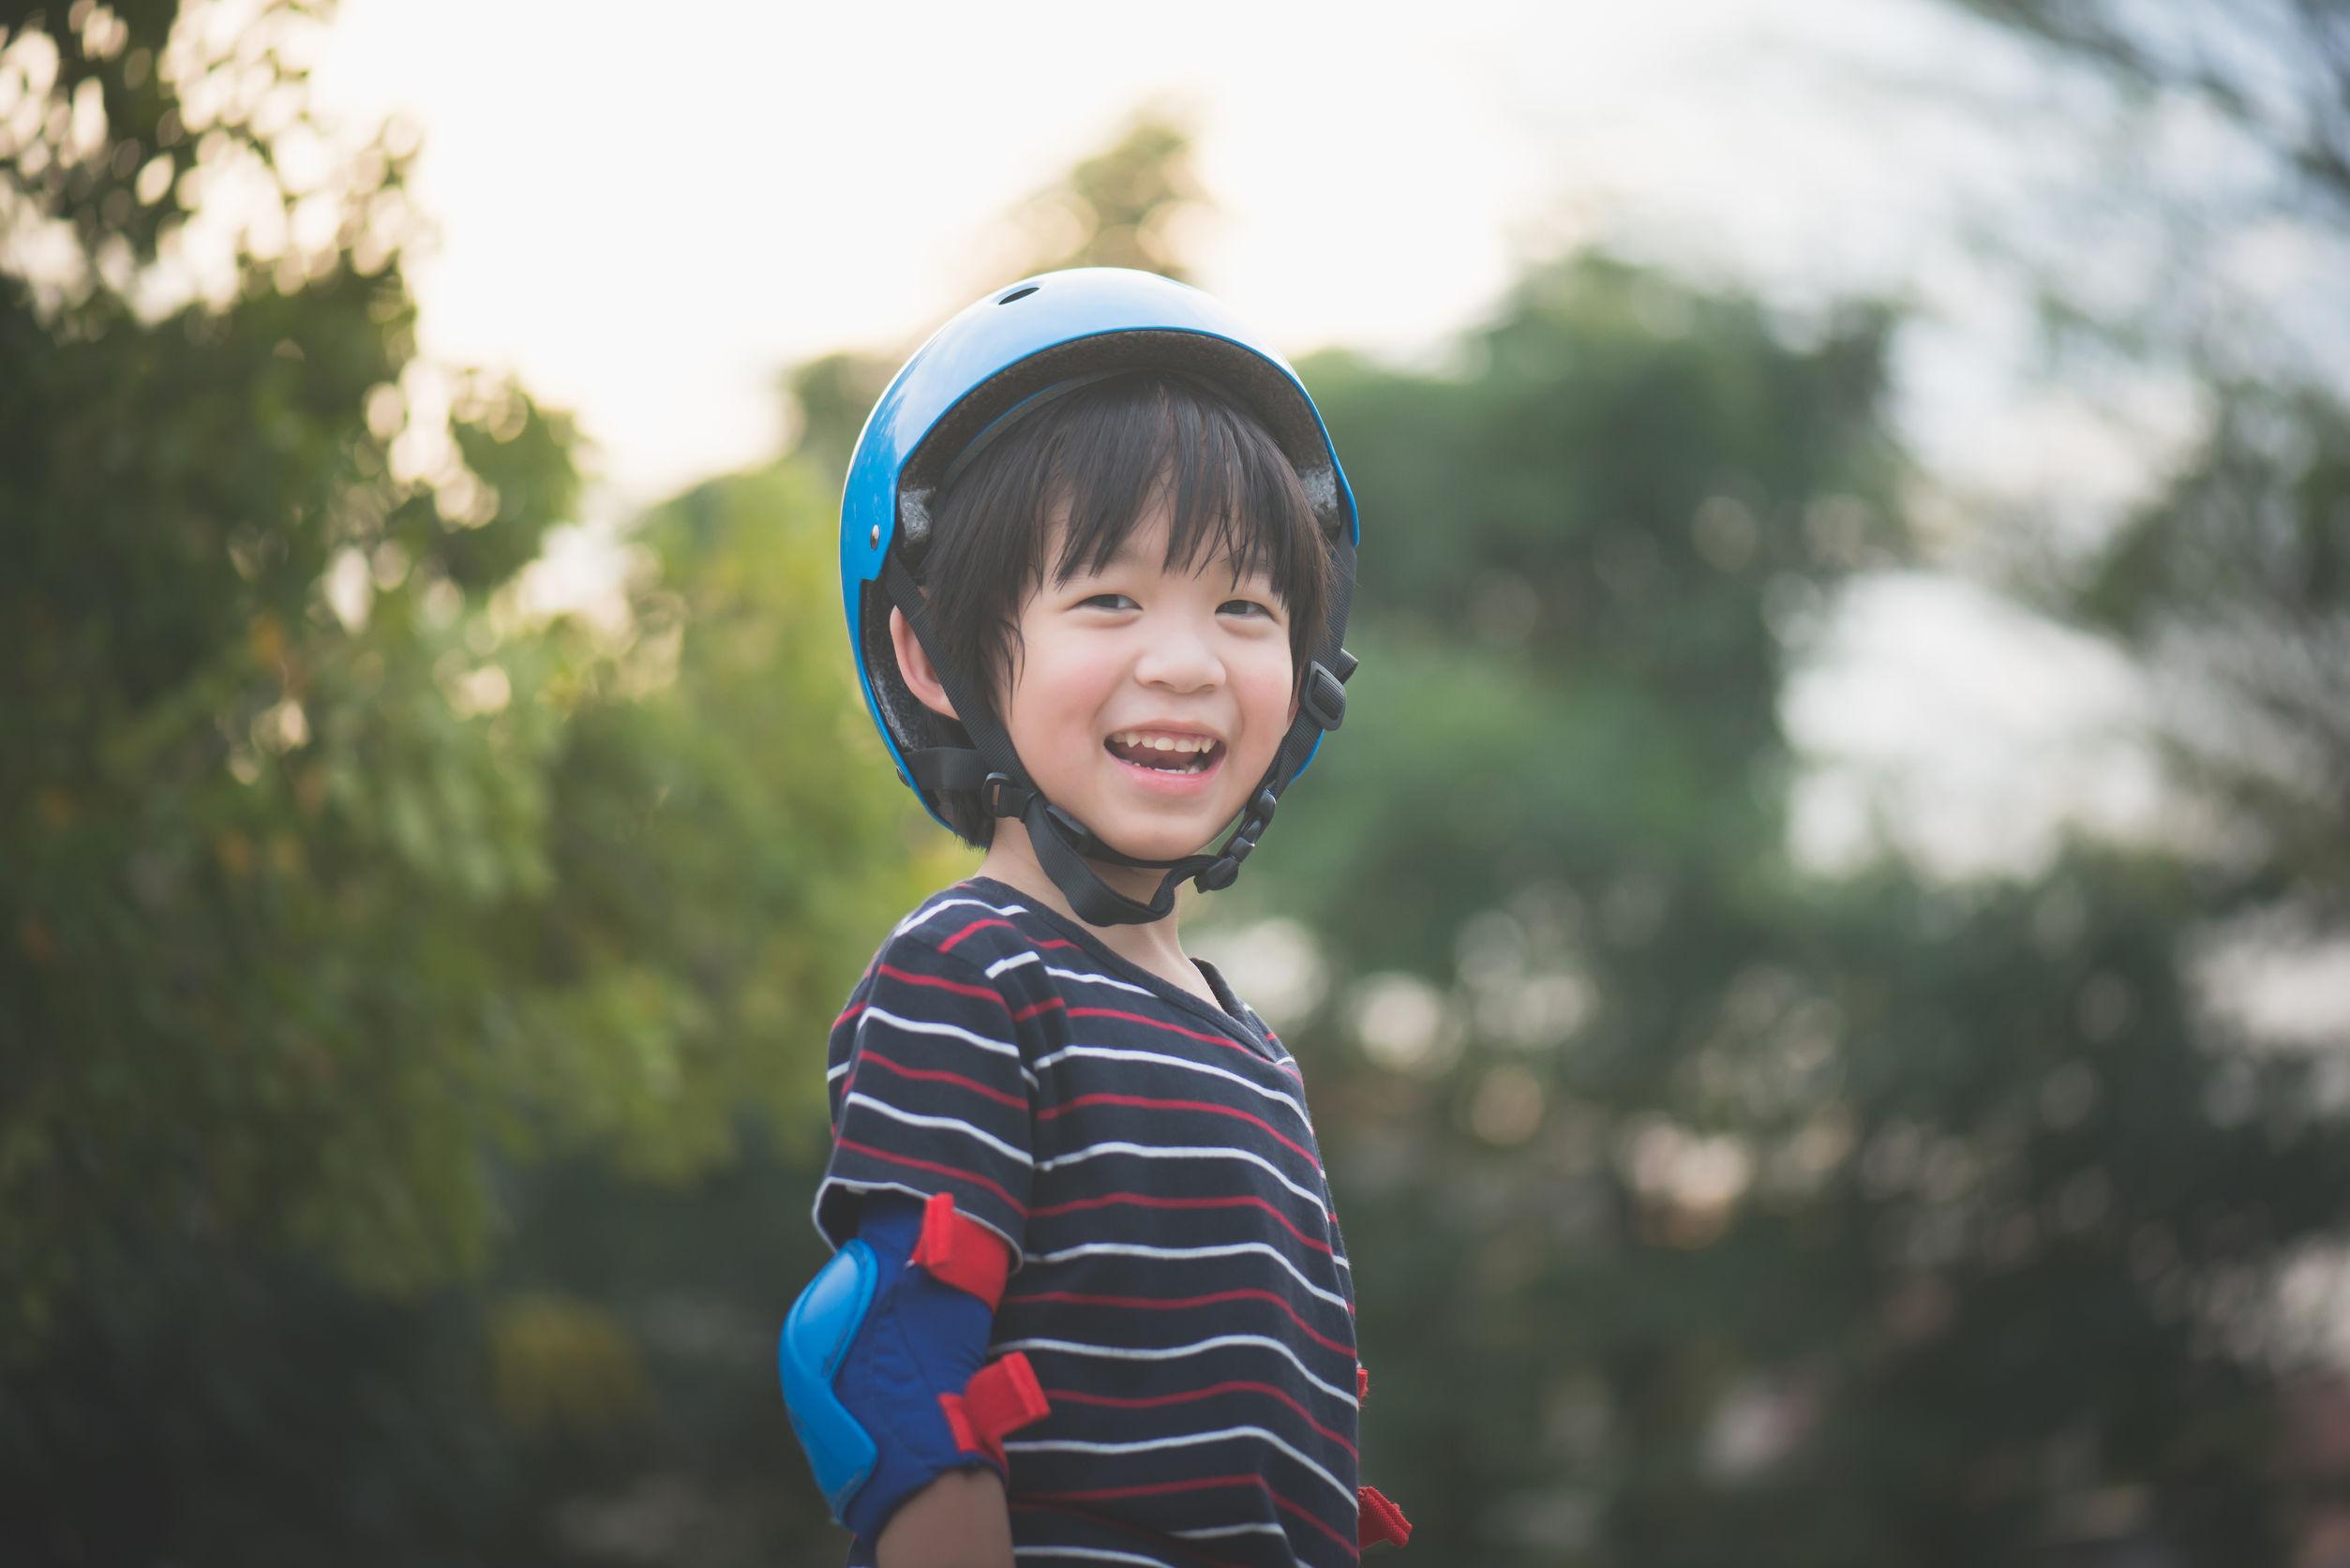 Fahrradhelm für Kinder: Test & Empfehlungen (10/20)